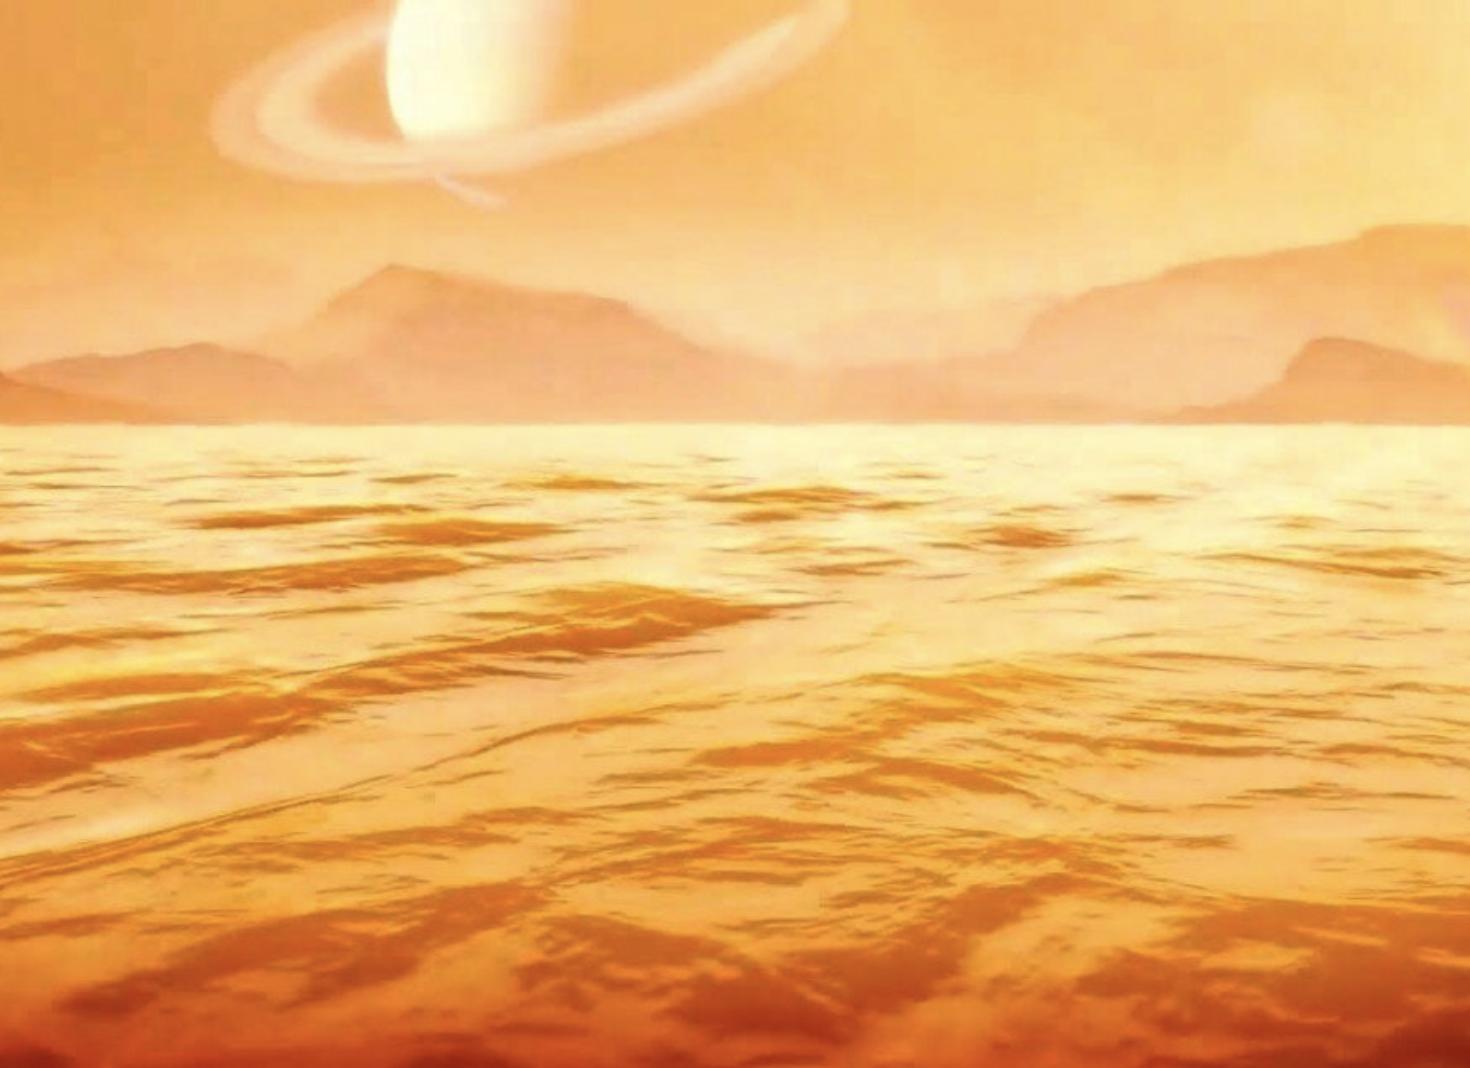 El mar más grande de Titán tiene más de 300 metros de profundidad